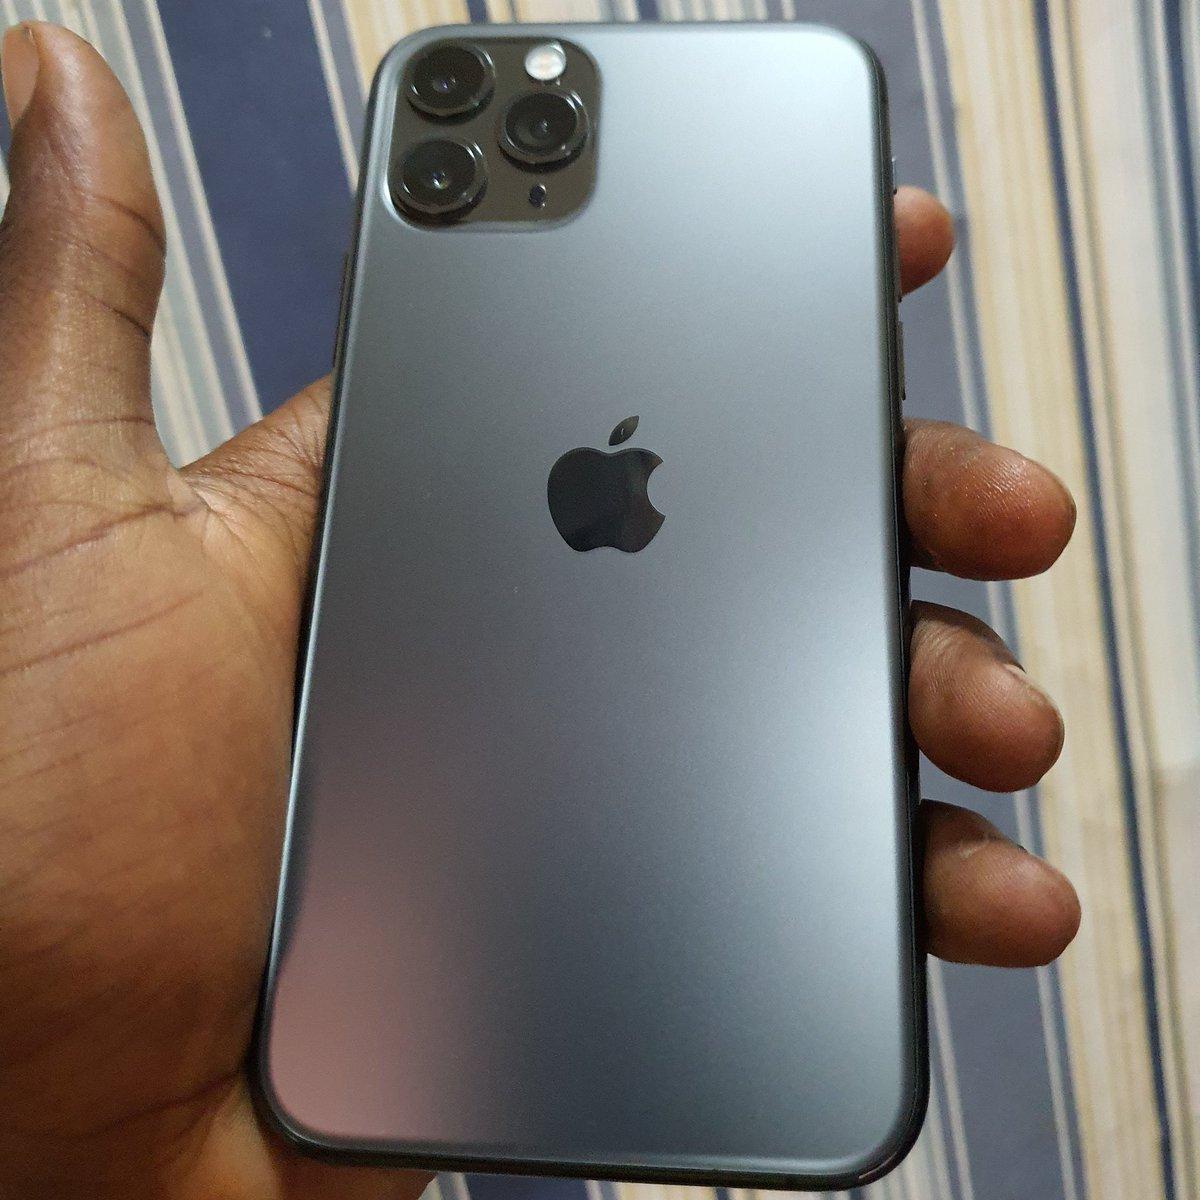 Uk used iPhone 11pro 64gb....PRICE:335,000...#sharpliknew #apple #11pro #gadgetshop #hotdealspic.twitter.com/8TRnYspJbQ